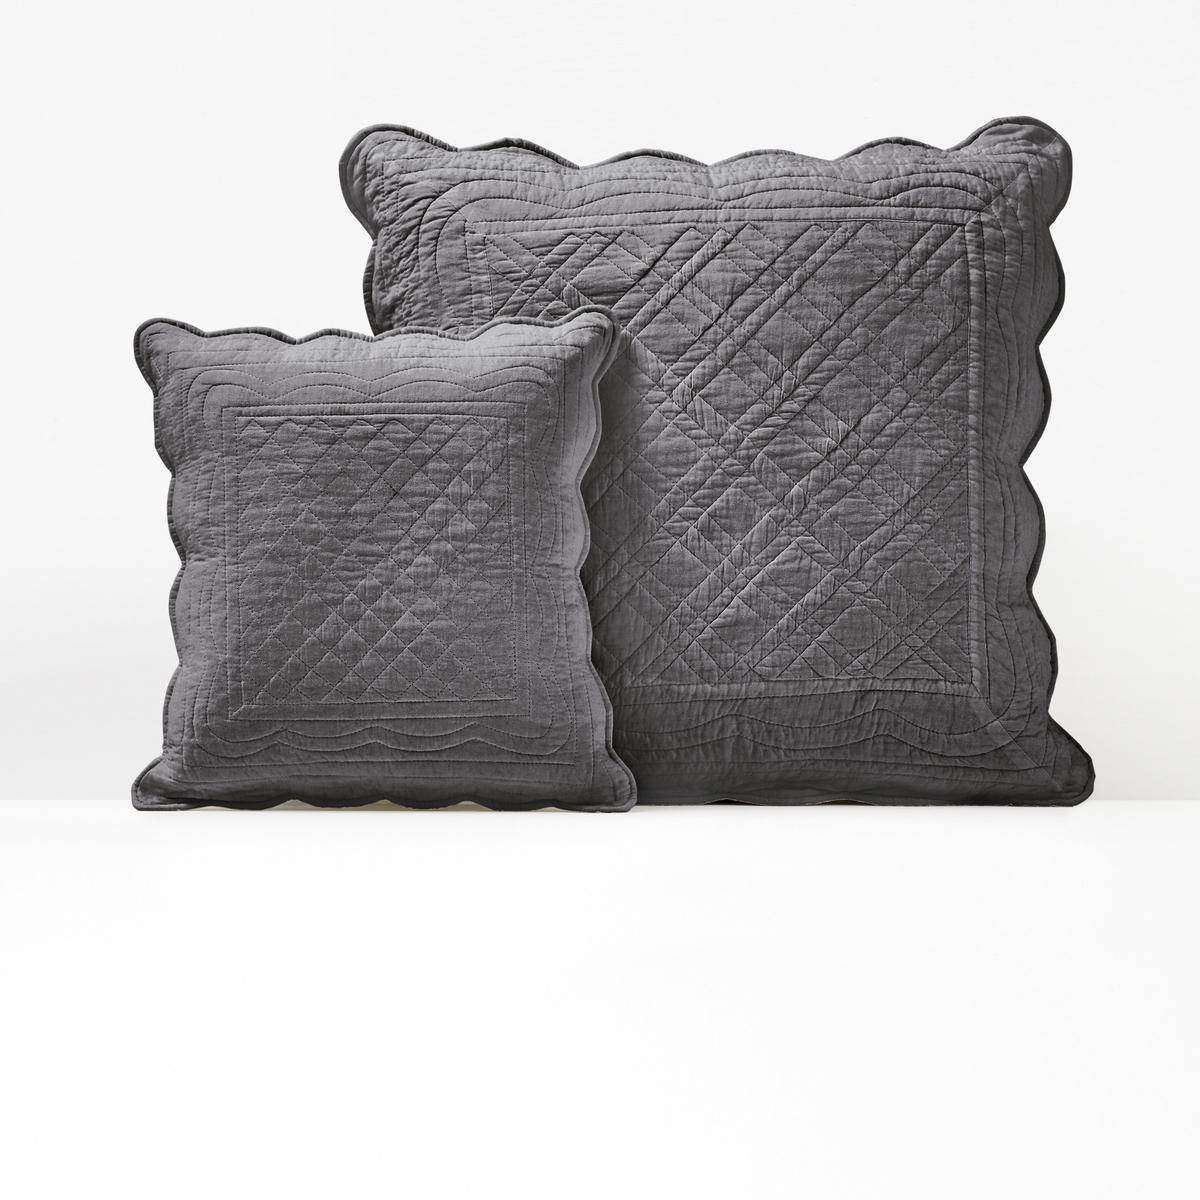 Чехол La Redoute На подушку или подушку-валик из хлопка SCENARIO 40 x 40 см серый чехол la redoute на подушку или подушку валик из хлопка scenario 40 x 40 см серый